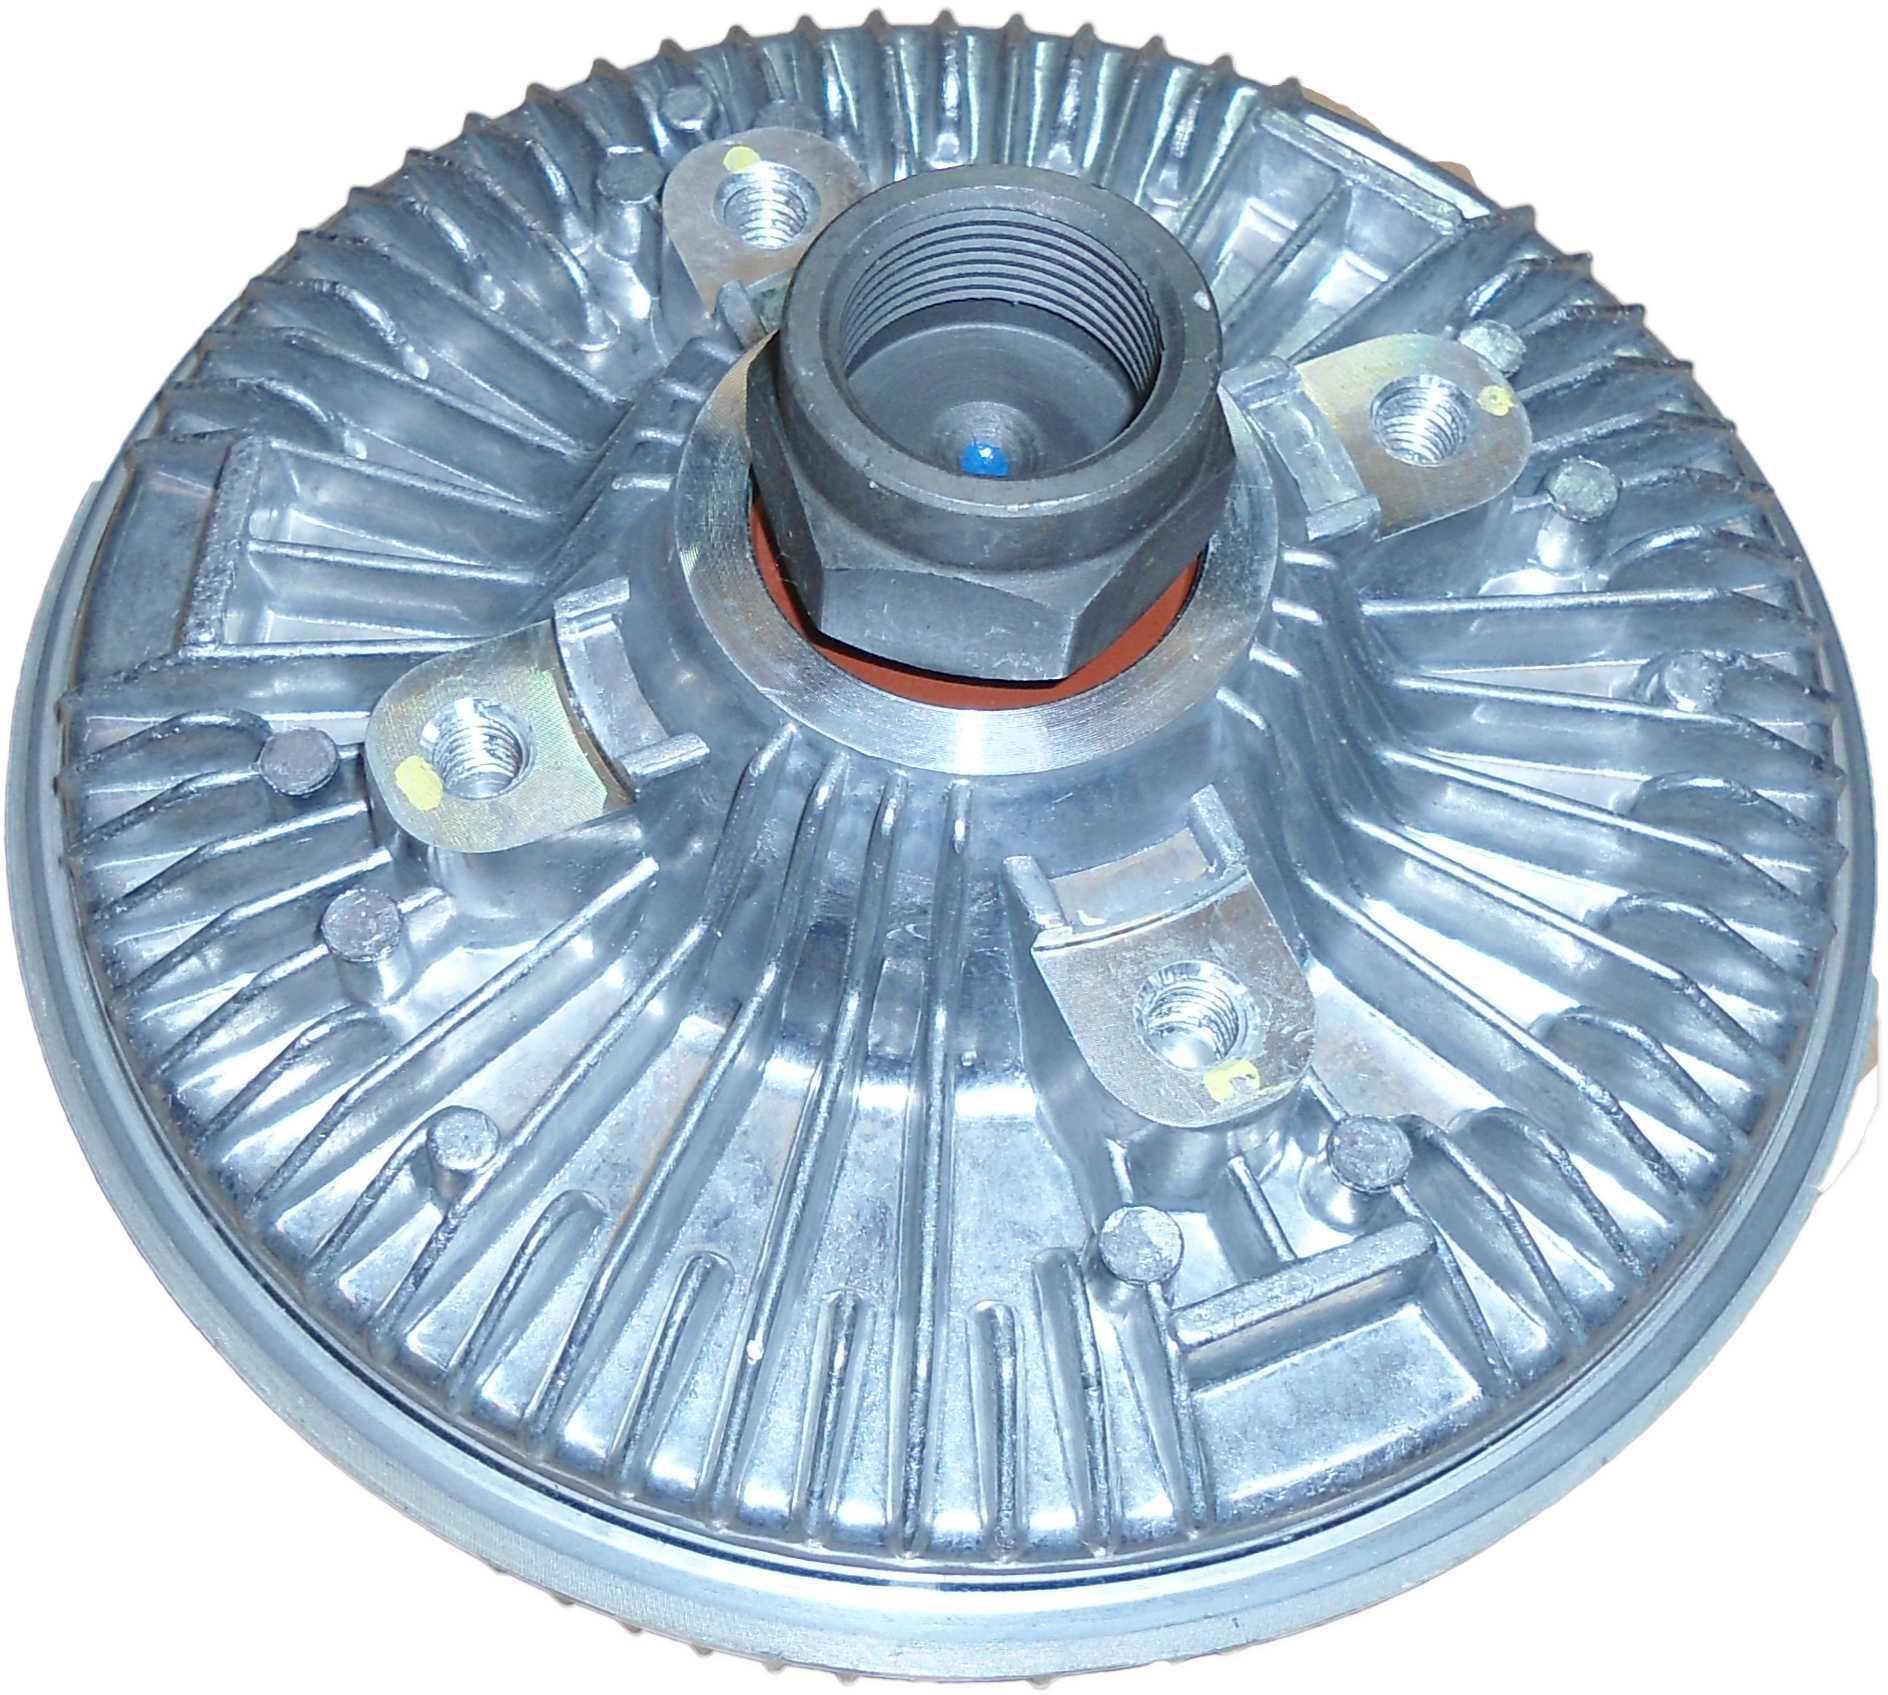 Embreagem Viscosa - Ranger 3.0 Diesel  Power Stroke 06 Ranger 3.0 Diesel  Power Stroke 06> *Miolo*